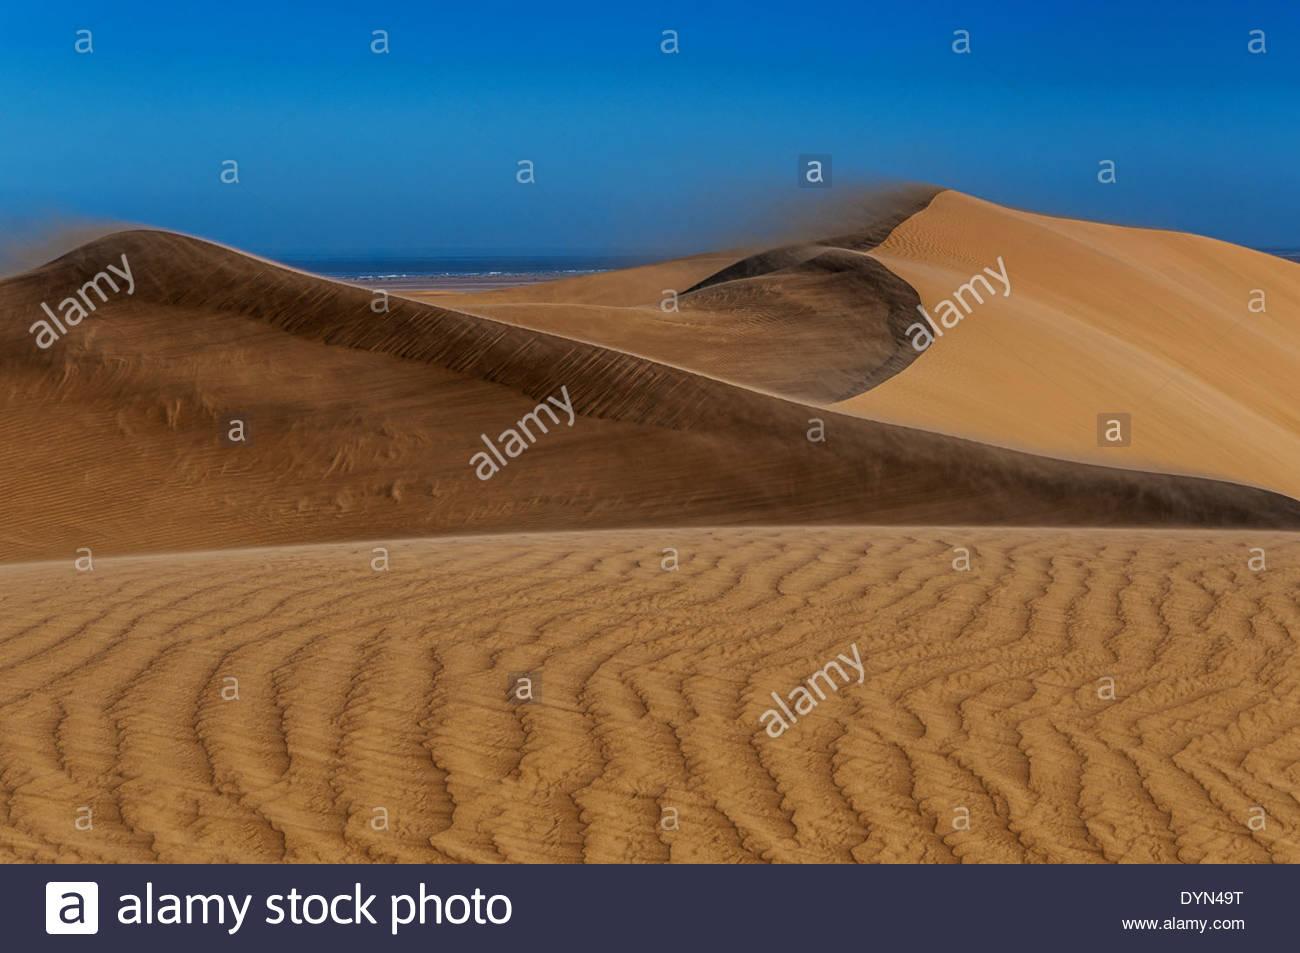 Sand-Muster oder Wellen Sand im Vordergrund berücksichtigt das Auge weiter den Schuss Weg zu sterben Dünen im Hintergrund. Stockbild